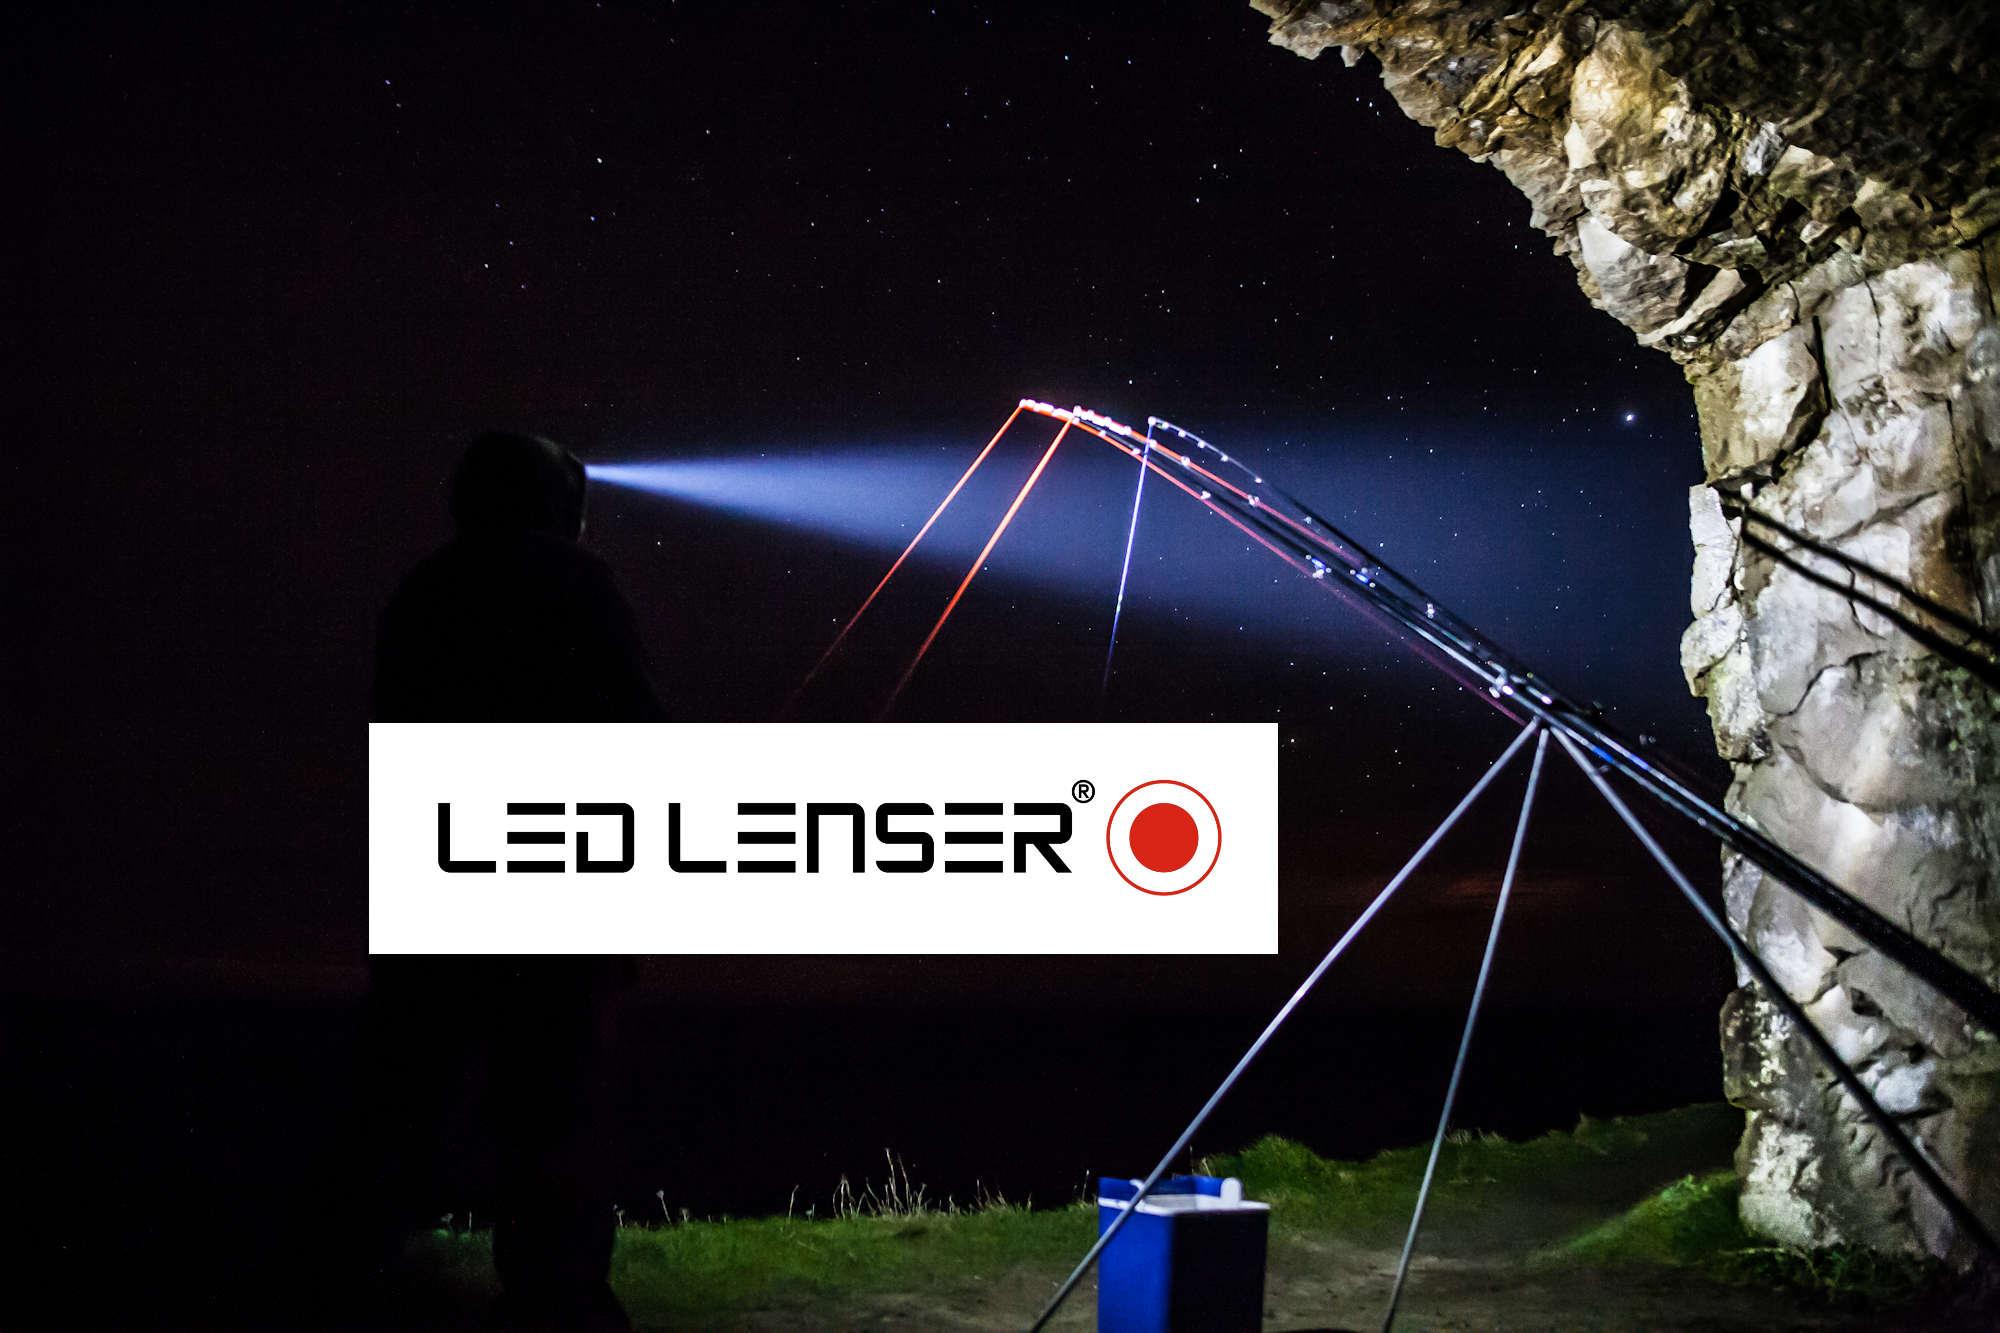 led lenser home